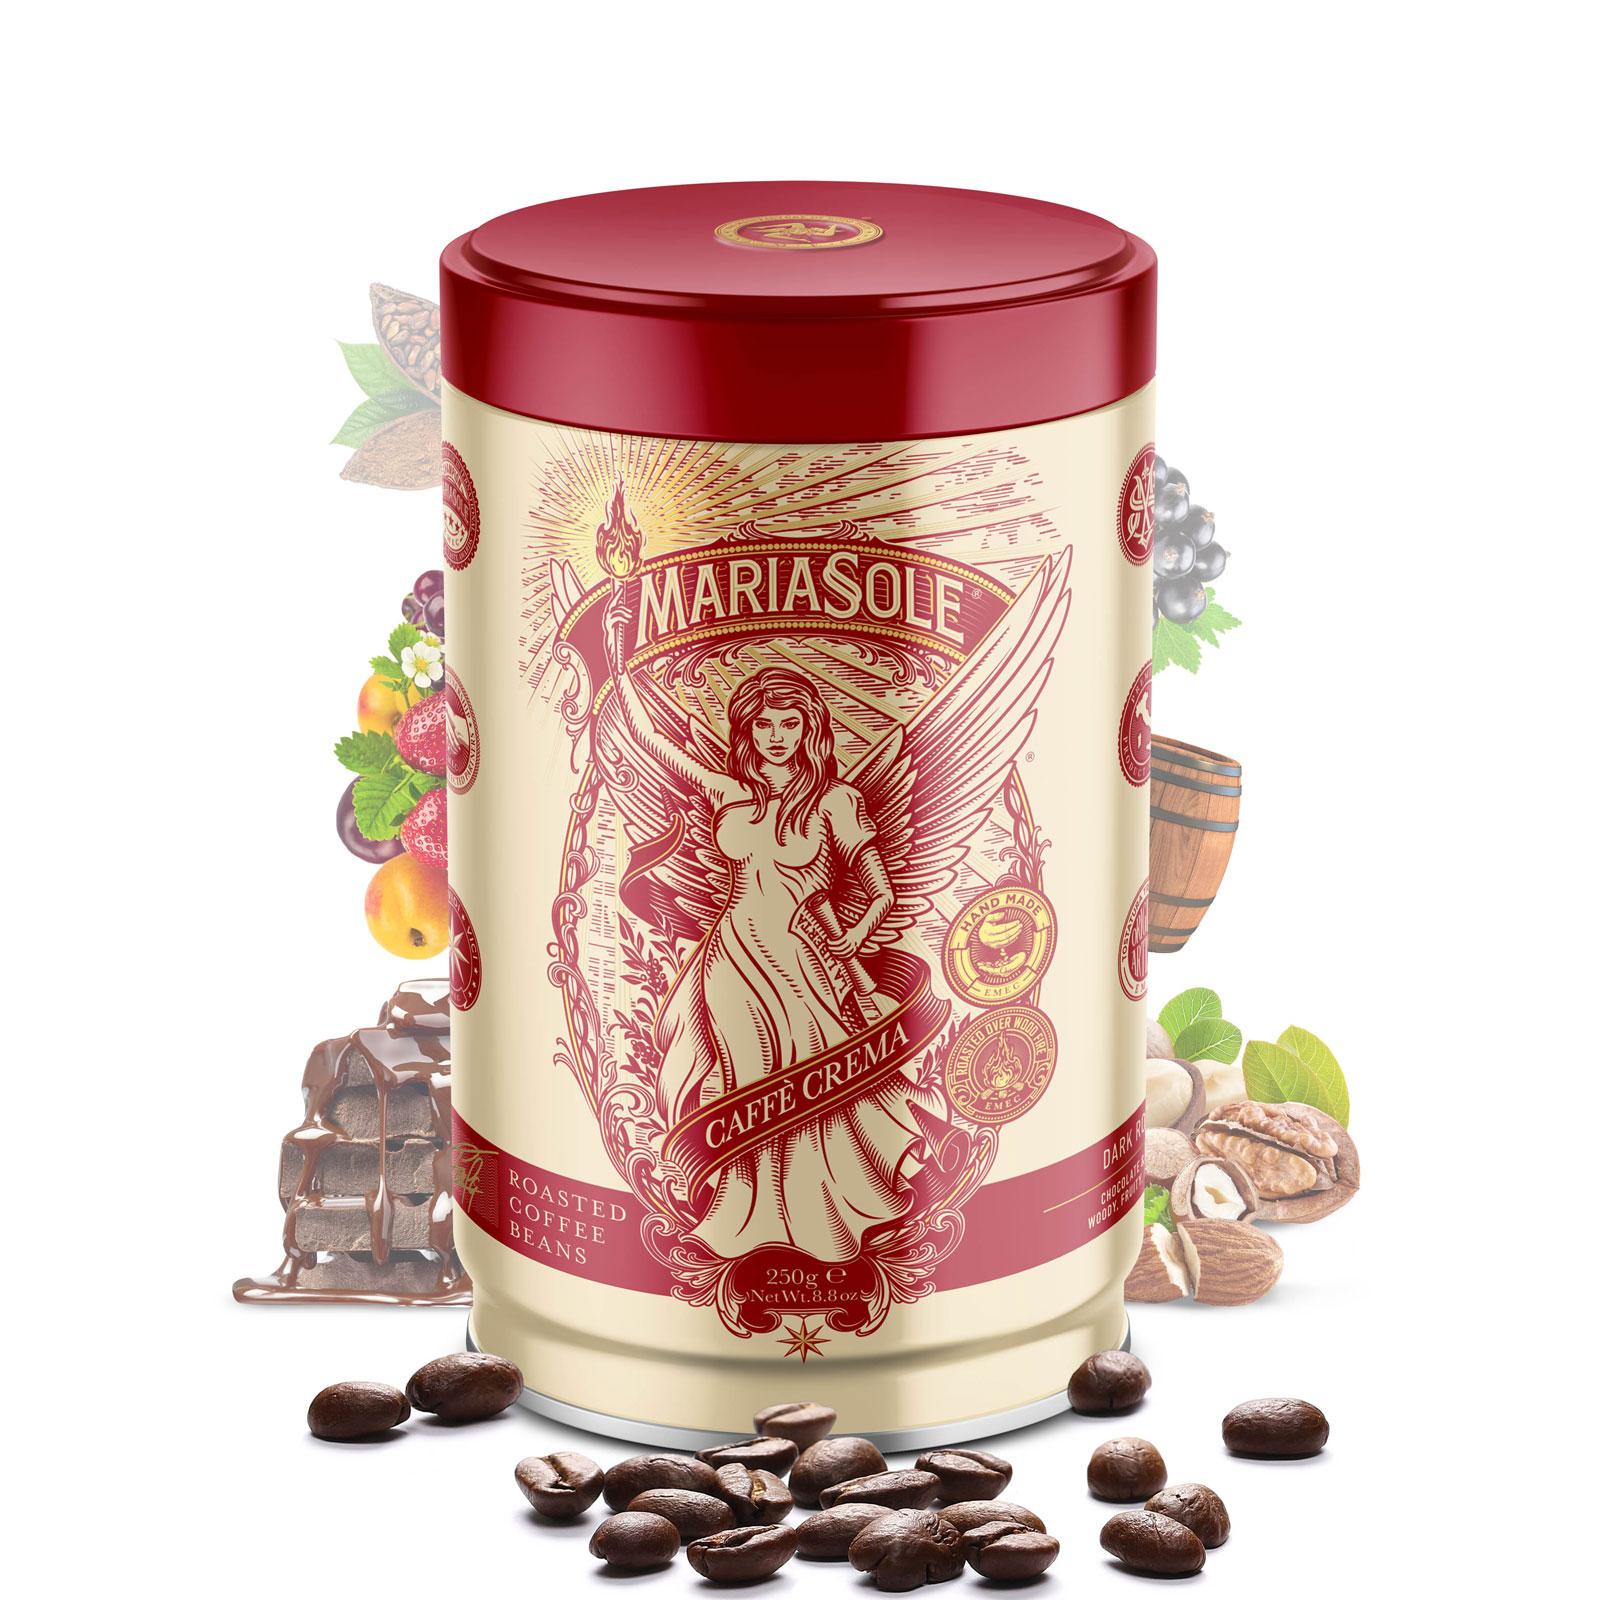 MARIASOLE - Caffè  Espresso - 250g - Bohnen